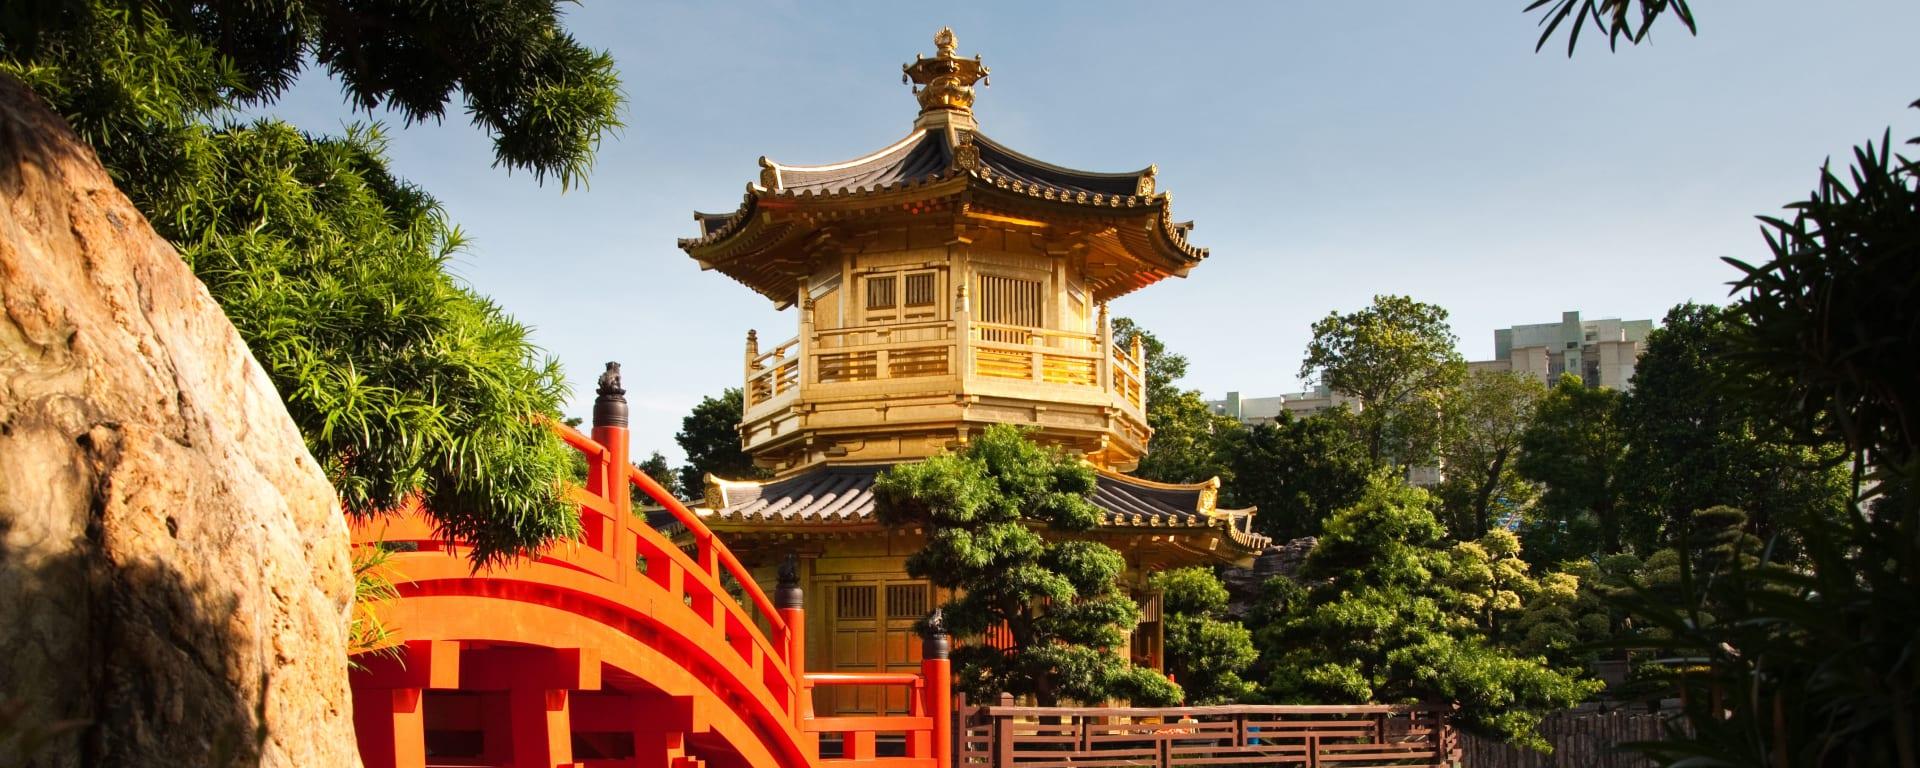 Hong Kong entdecken mit Tischler Reisen: Hong Kong Nan Lian Garten